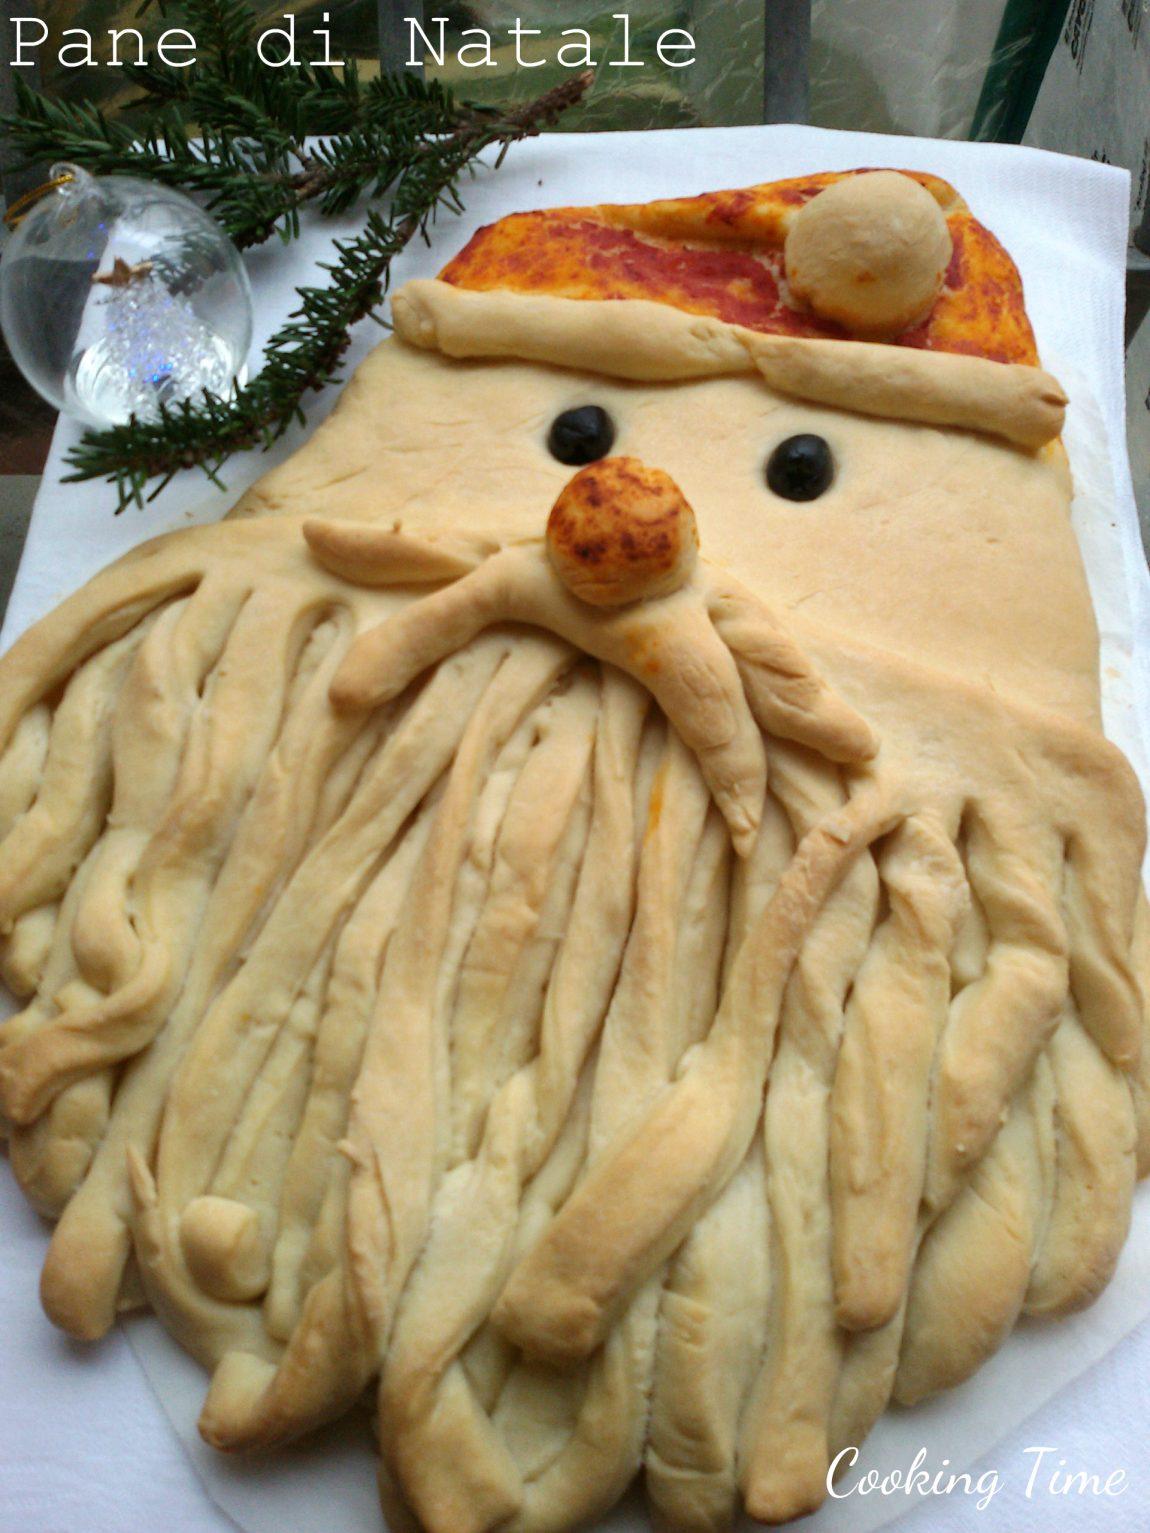 Pane di Natale